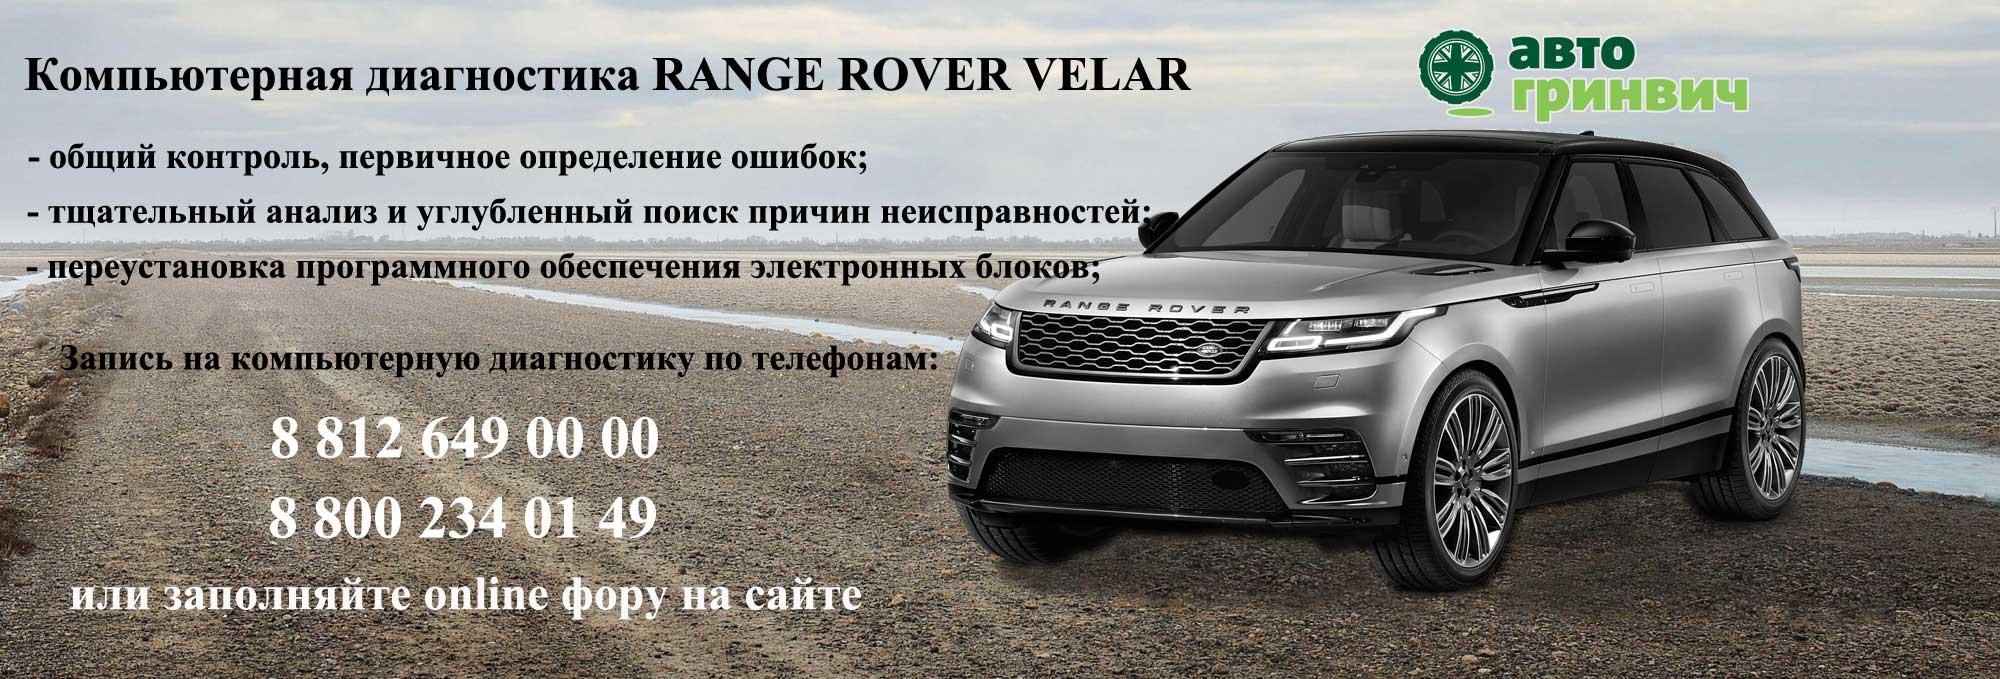 Диагностика Range Rover Velar